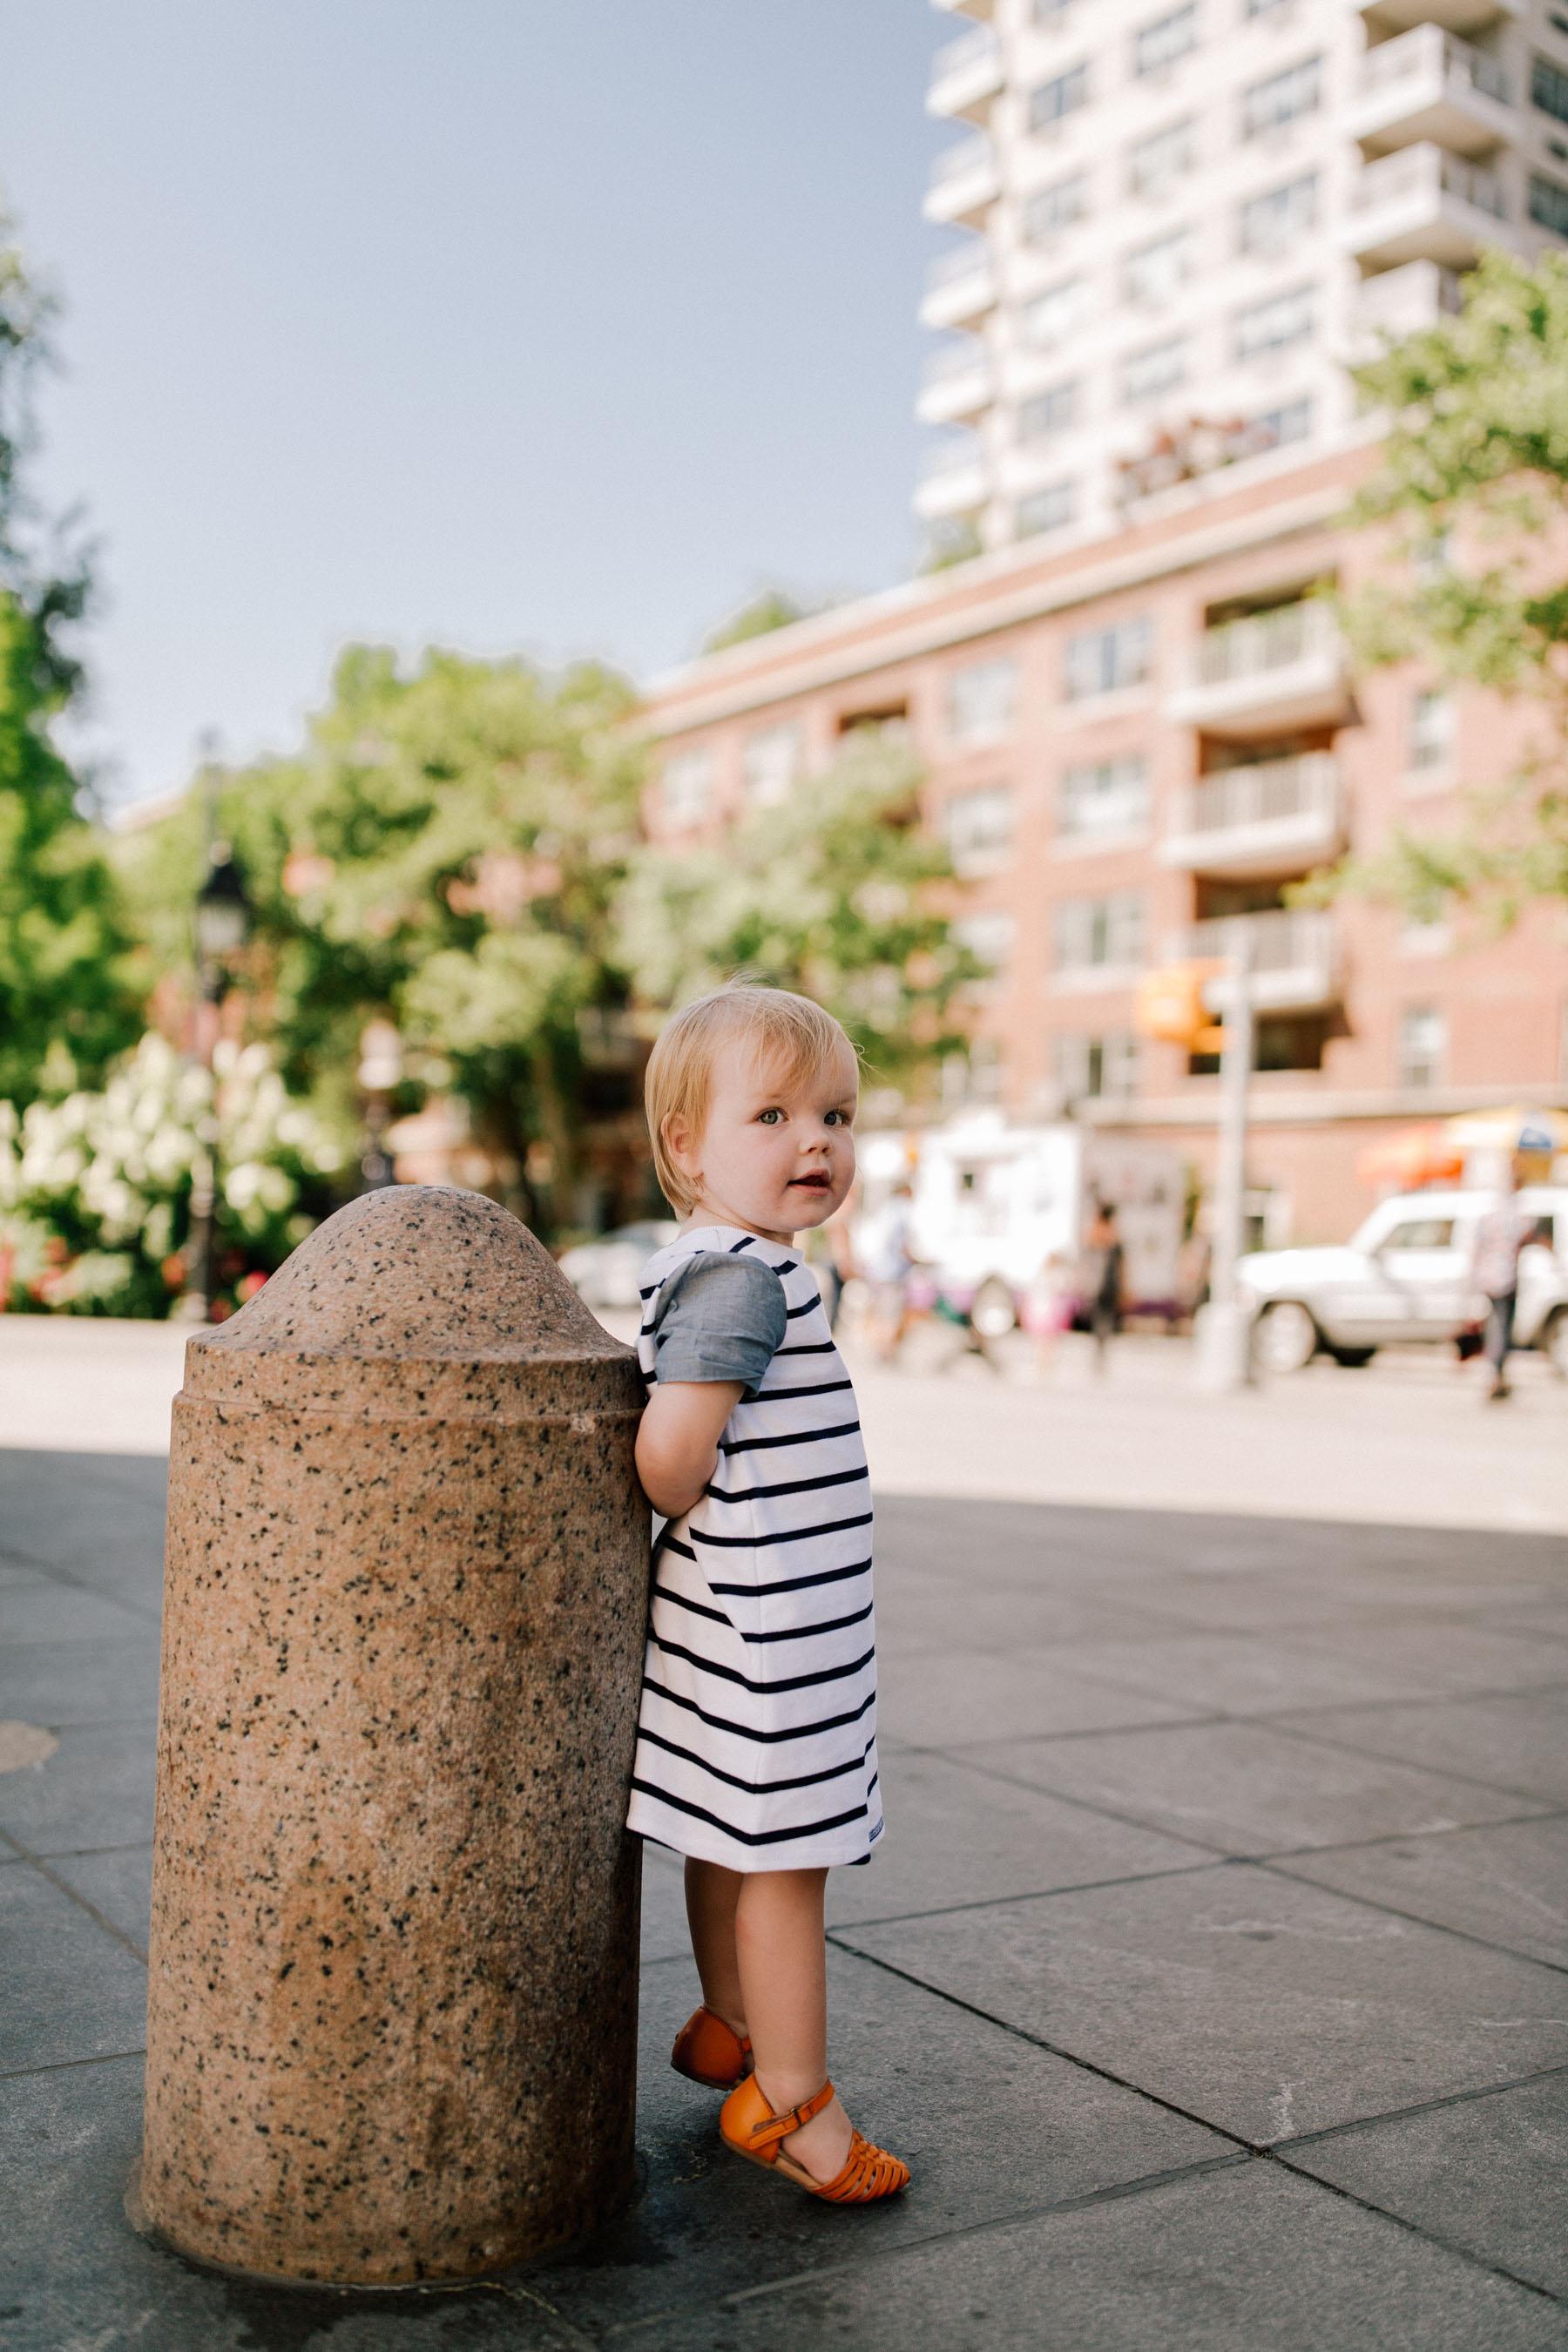 Huarache Sandals/Gap Kids Dress